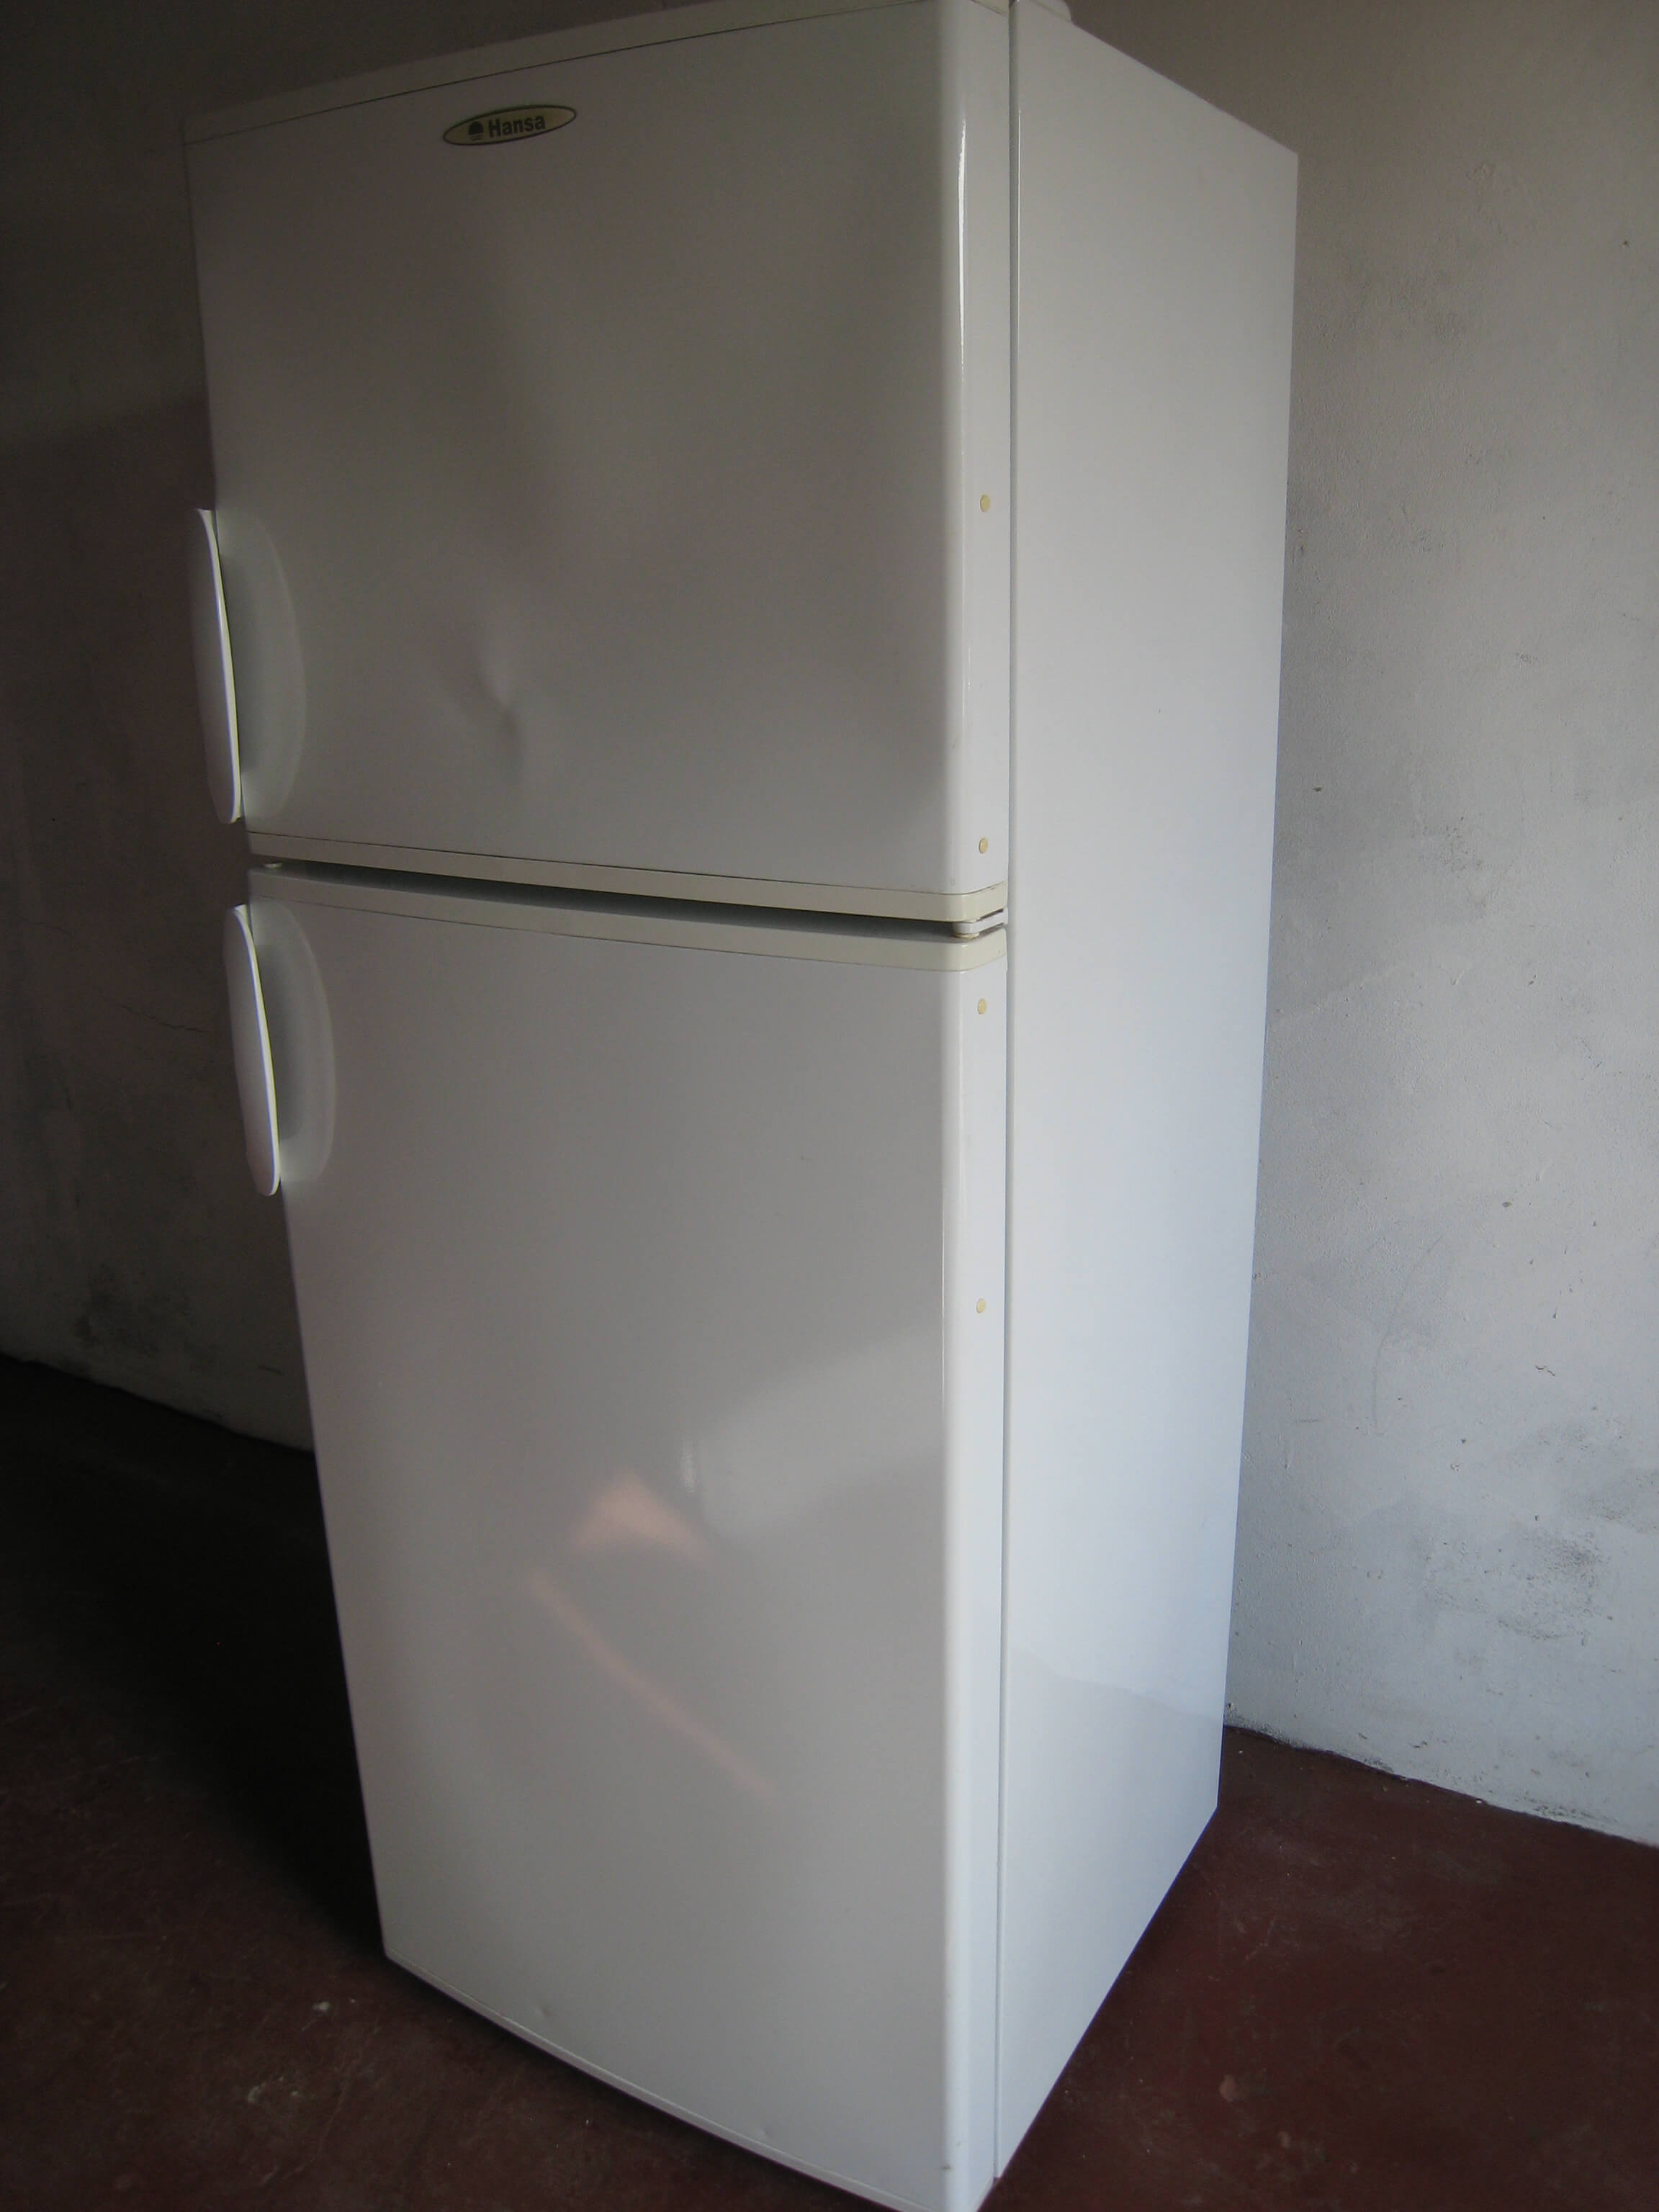 Ремонт холодильника Шарп